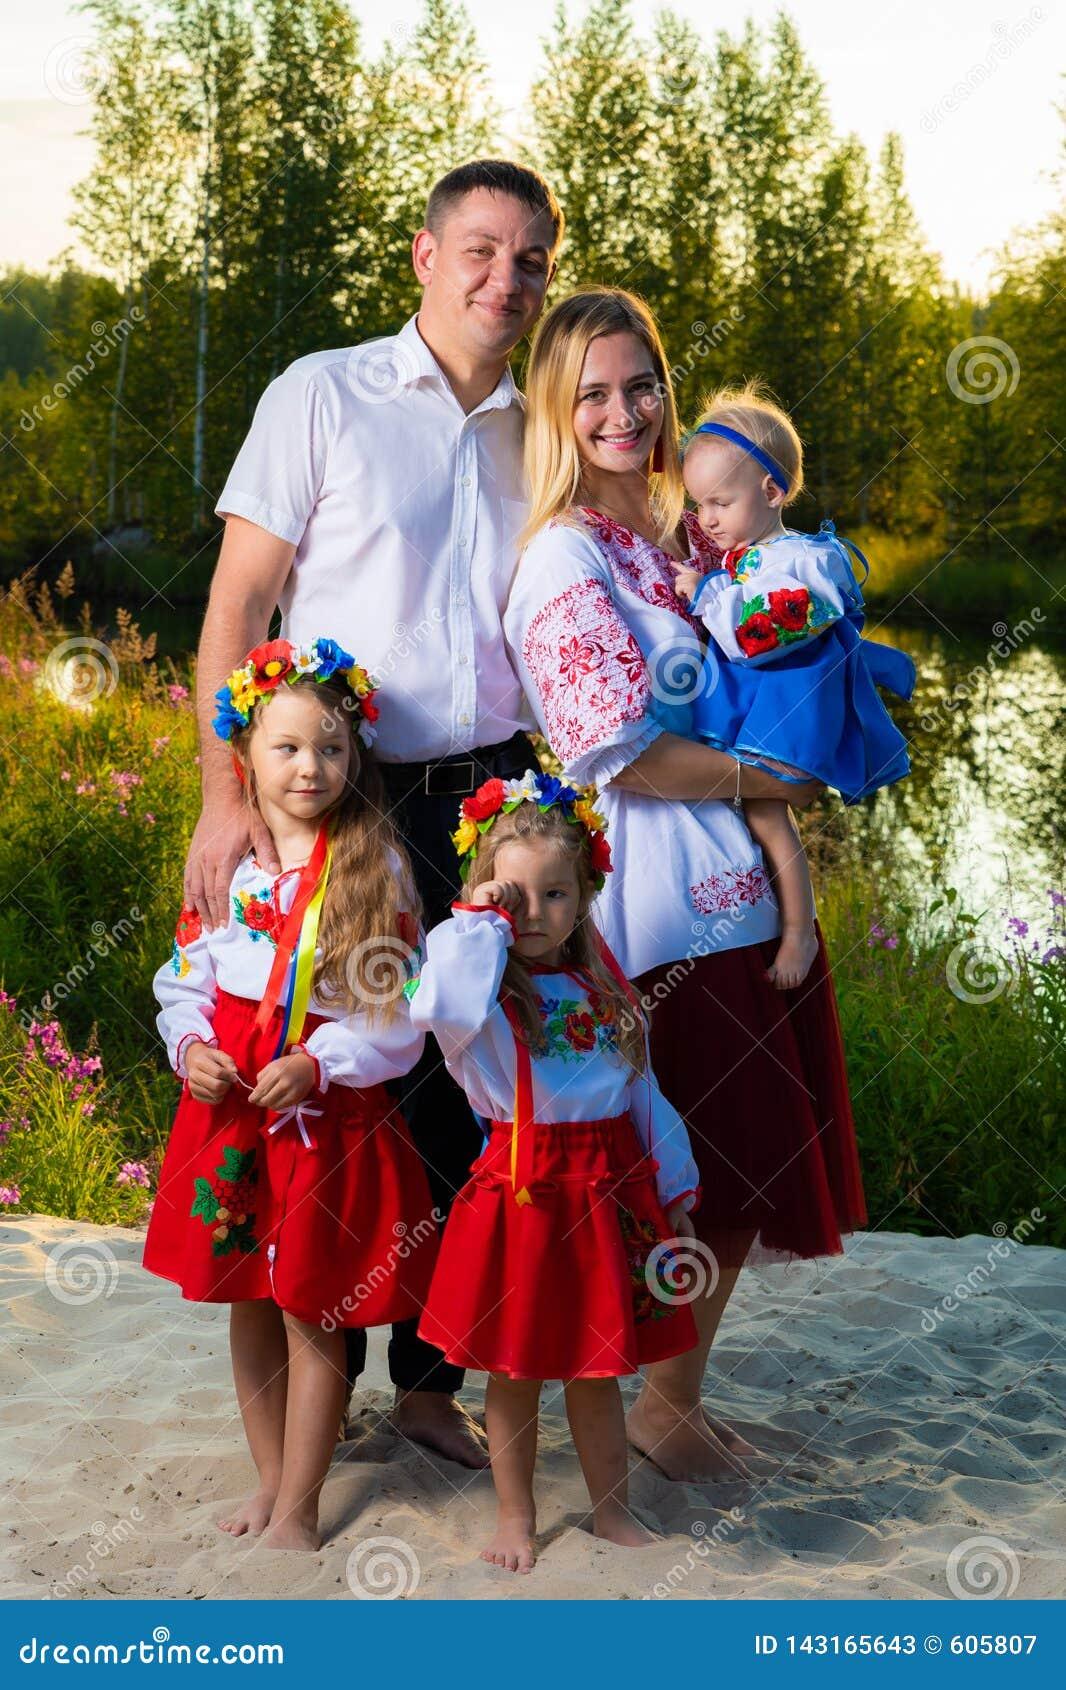 Η μεγάλη οικογένεια στα εθνικά ουκρανικά κοστούμια κάθεται στο λιβάδι, η έννοια μιας μεγάλης οικογένειας